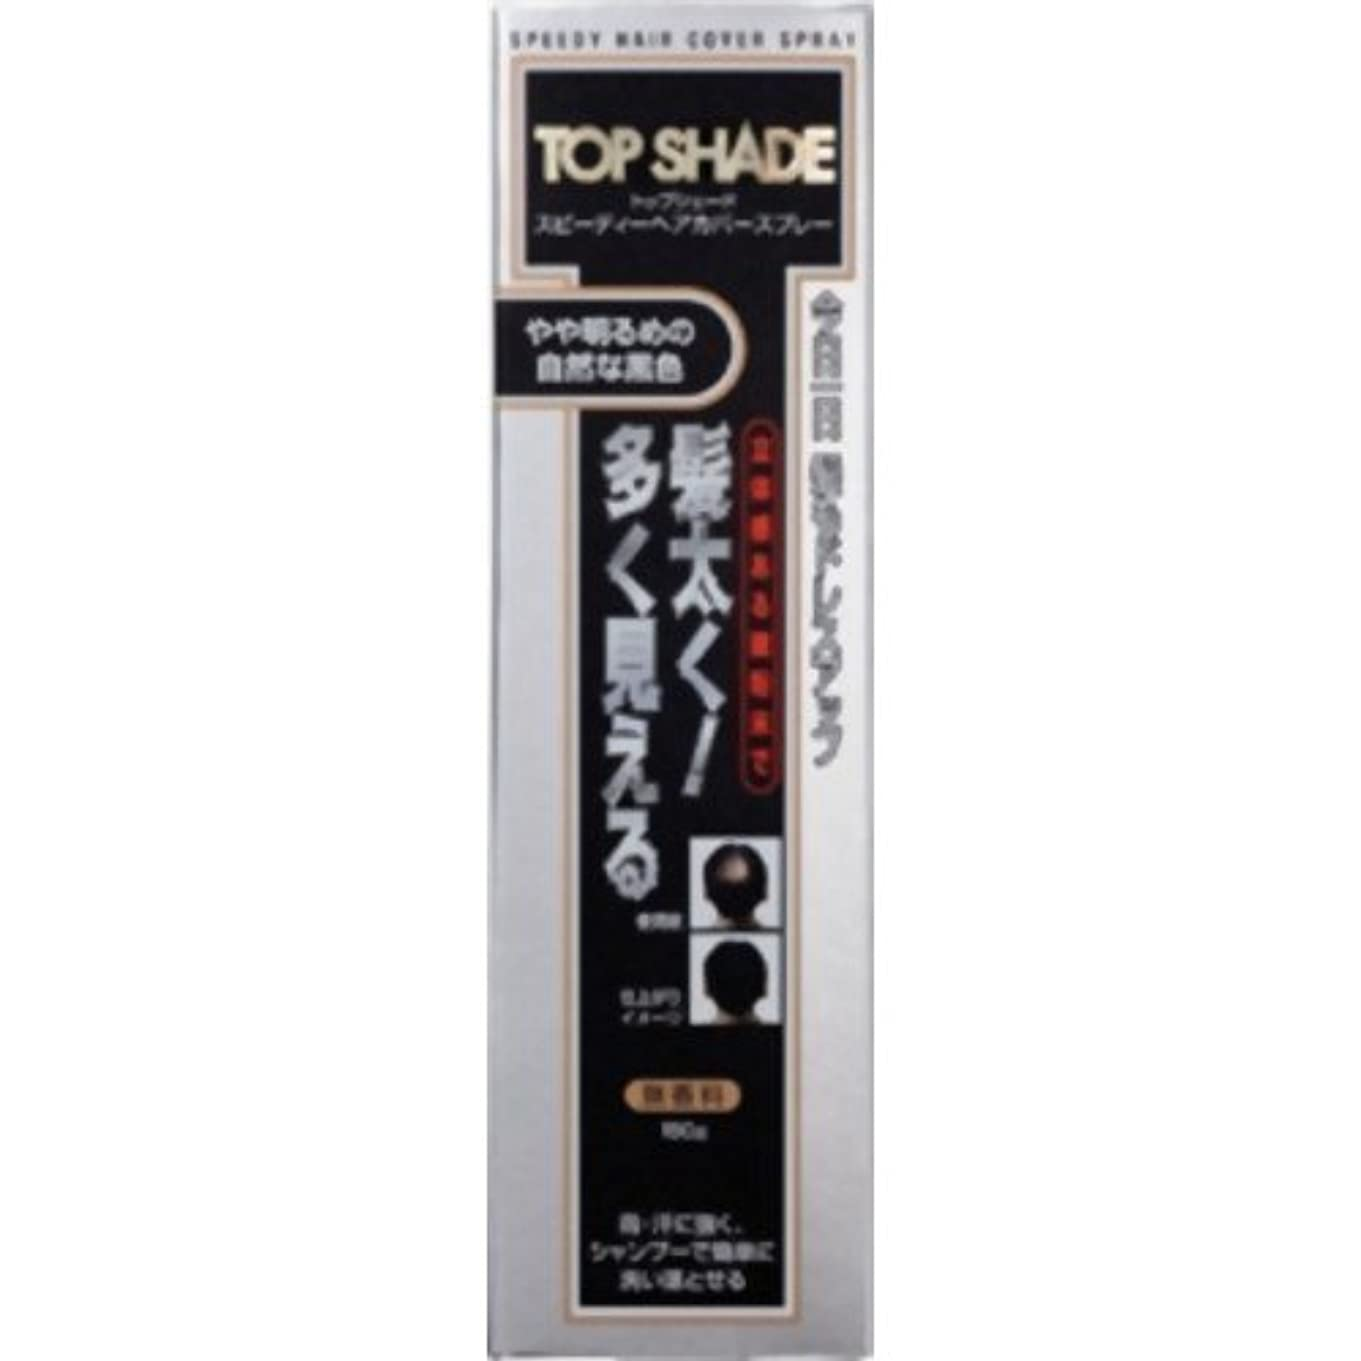 香水四半期文化トップシェード スピーディーヘアカバースプレー やや明るめの自然な黒色 × 10個セット